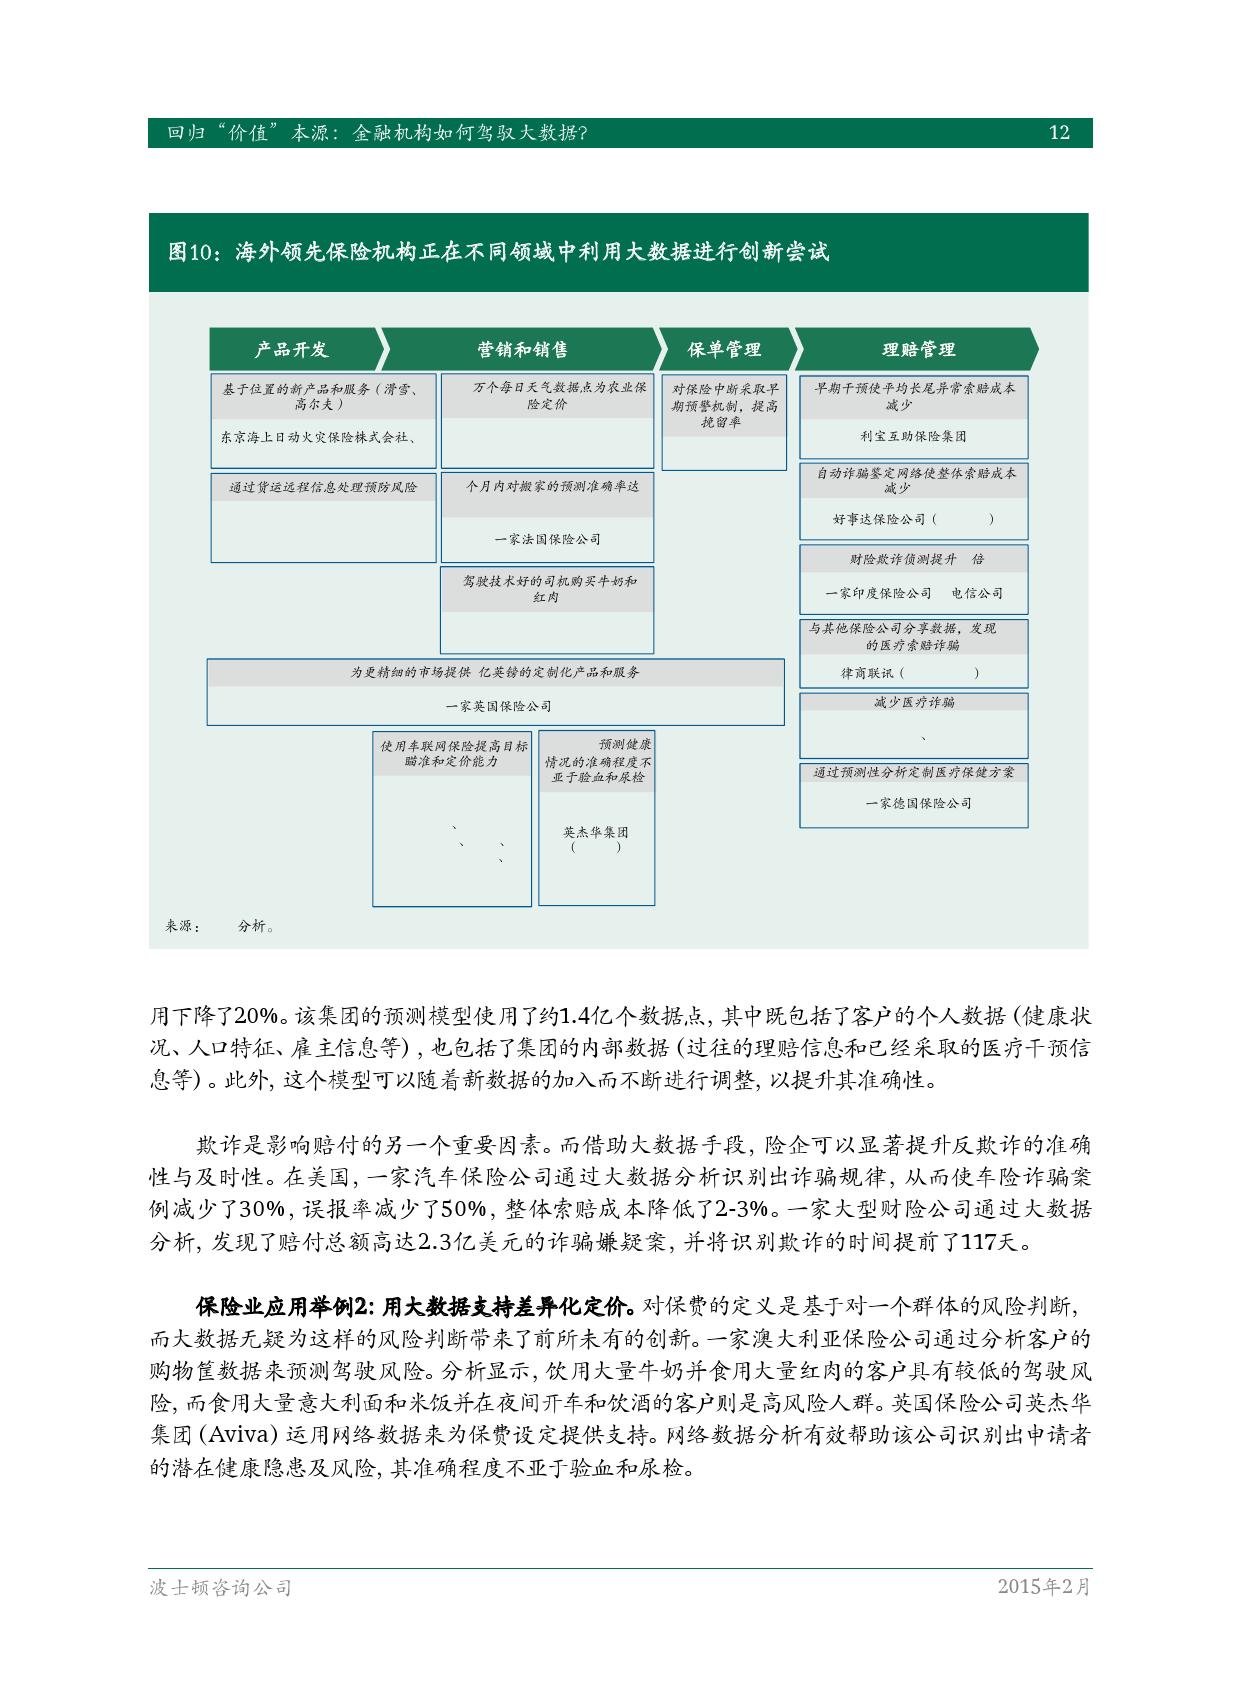 金融机构如何驾驭大数据_000014